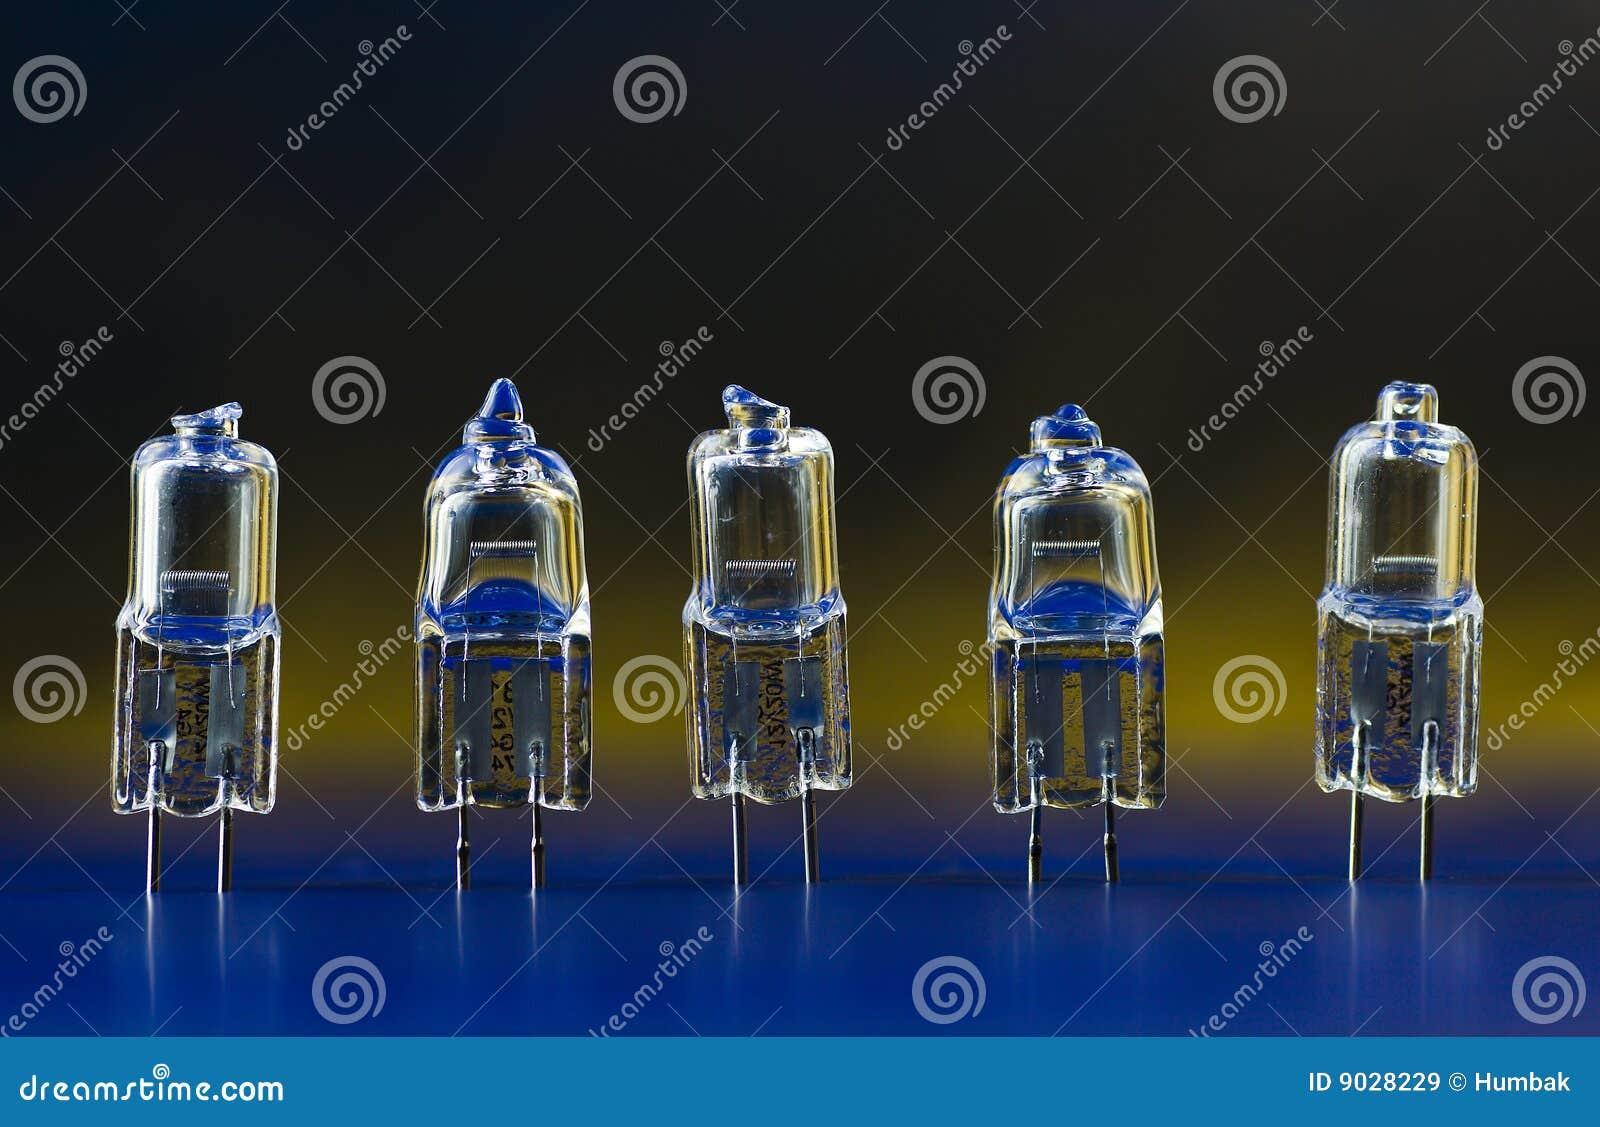 Bulbos de halogênio elétricos que estão em uma fileira 1